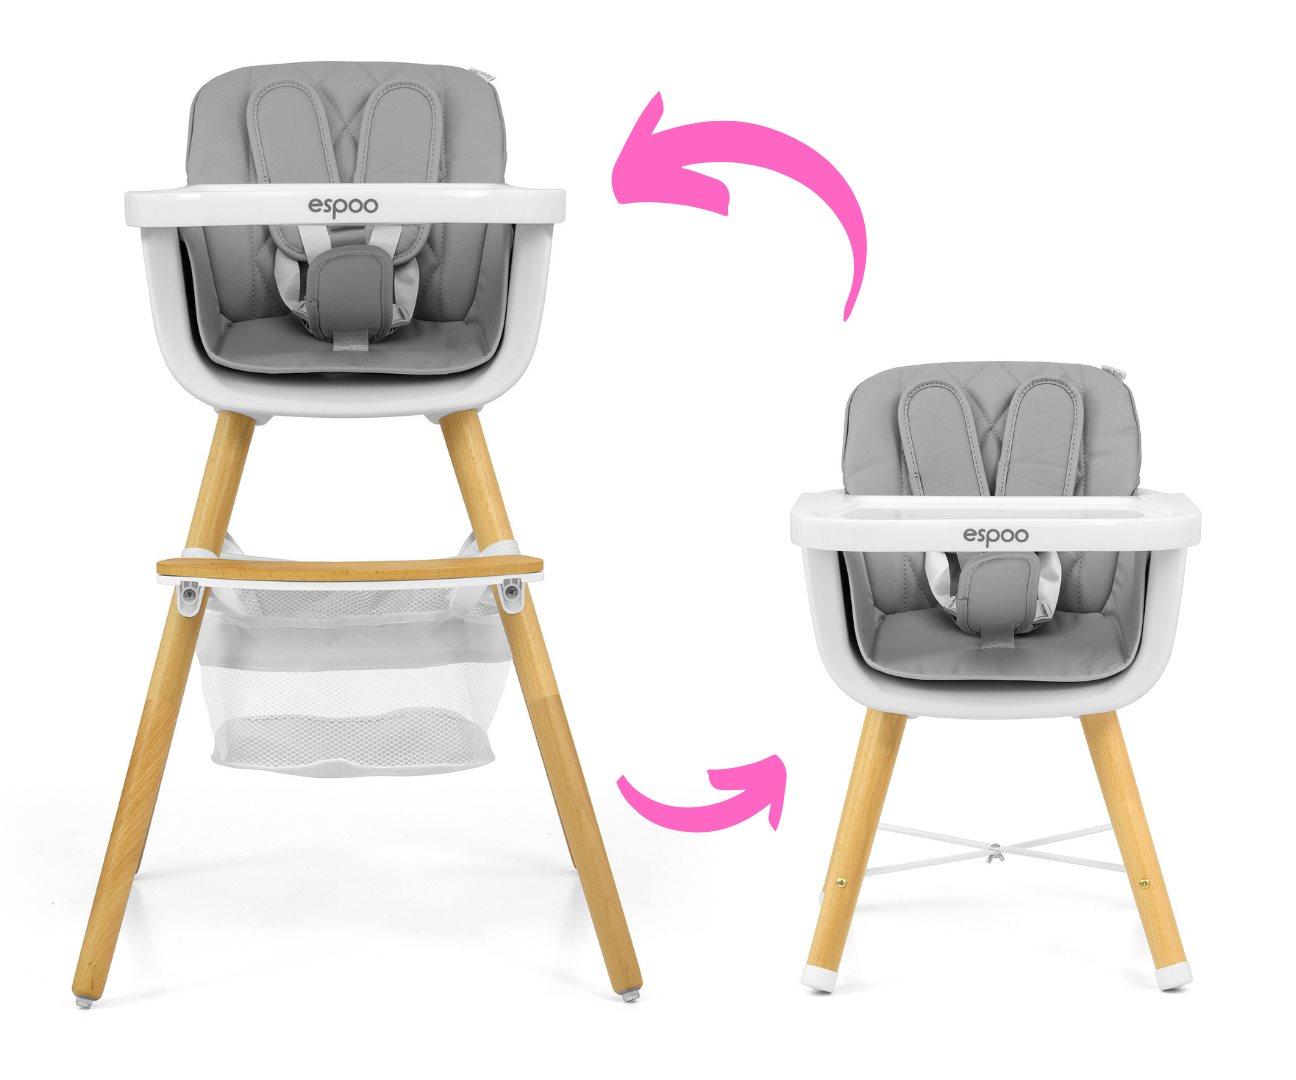 Jídelní židlička Milly Mally 2v1 Espoo béžová